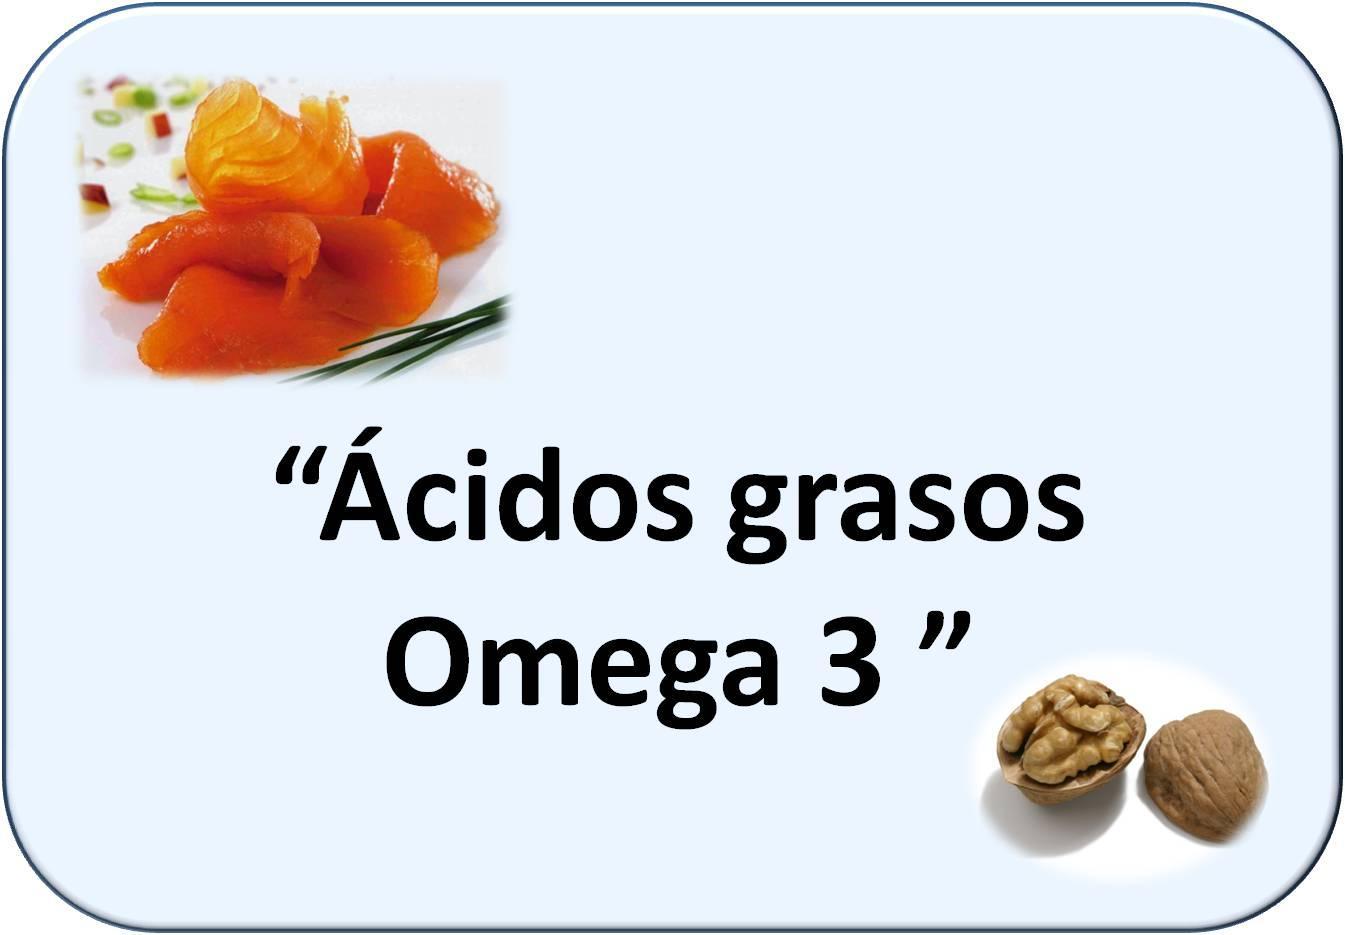 Simbología de Ácidos grasos Omega-3: salmón y nueces